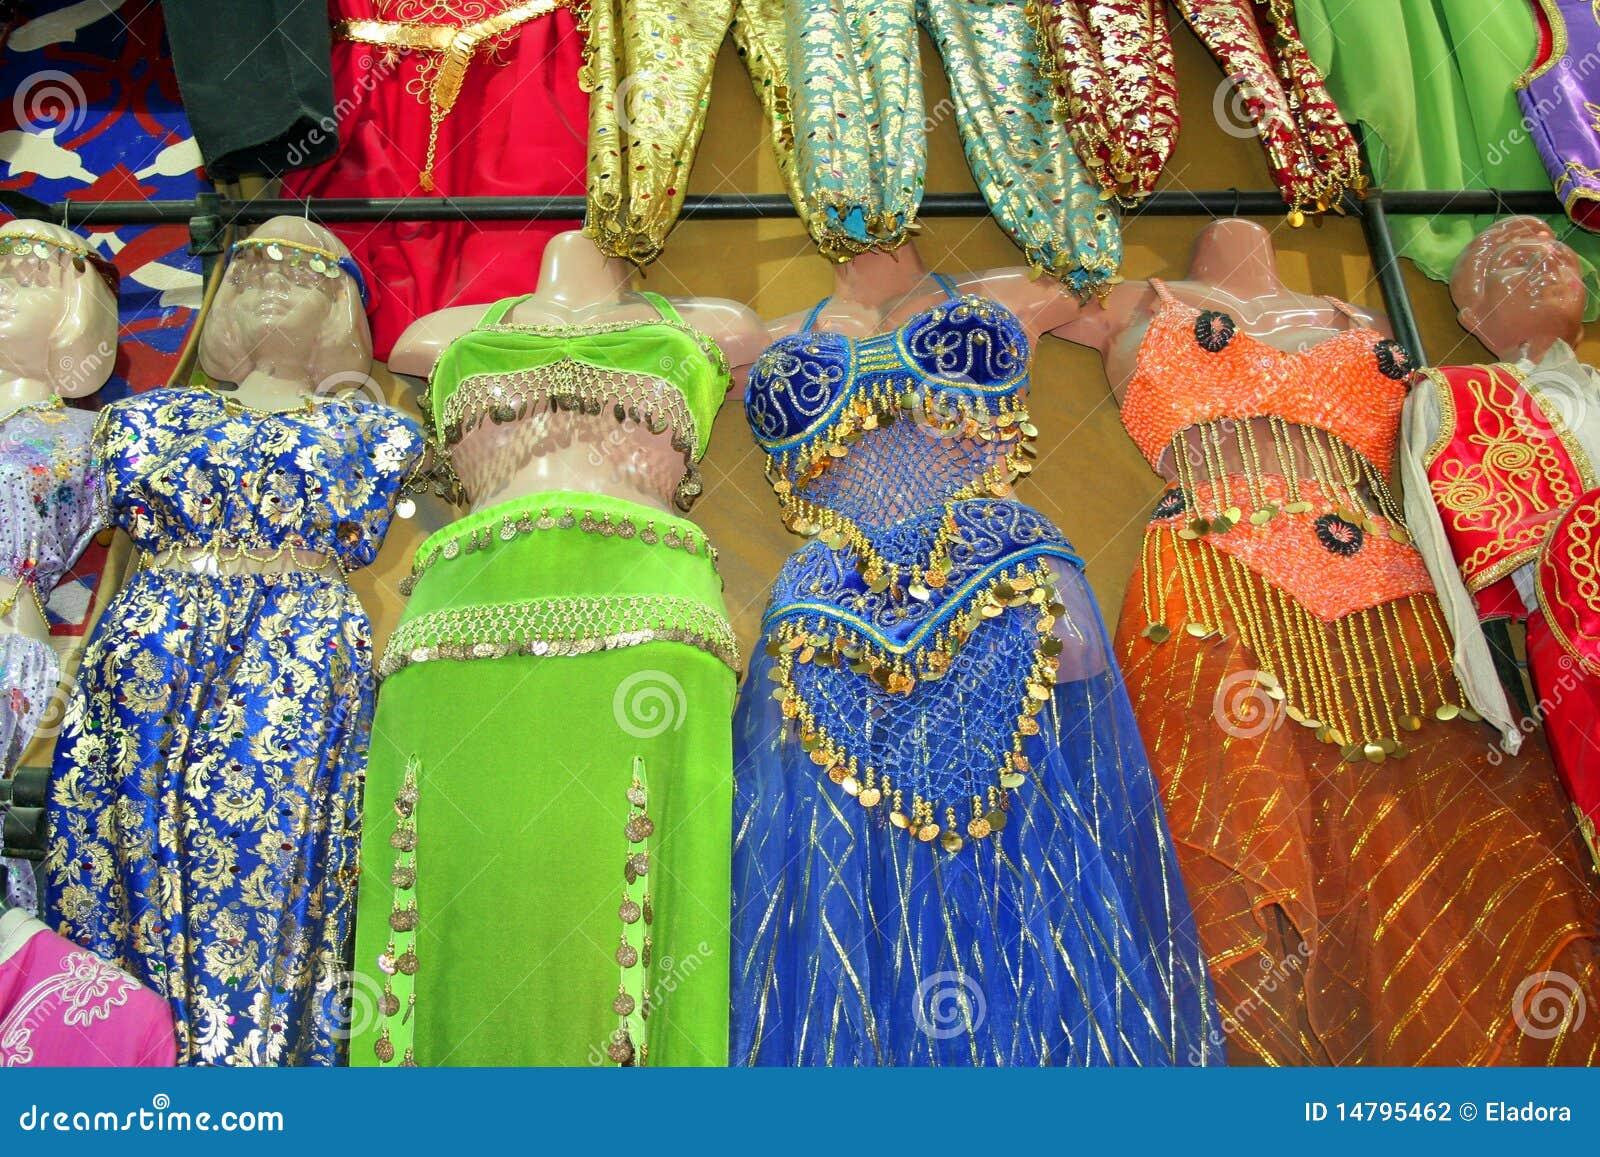 Belly Dancer Dress Stock Photo Image Bazaar Accessories 14795462 Dancing